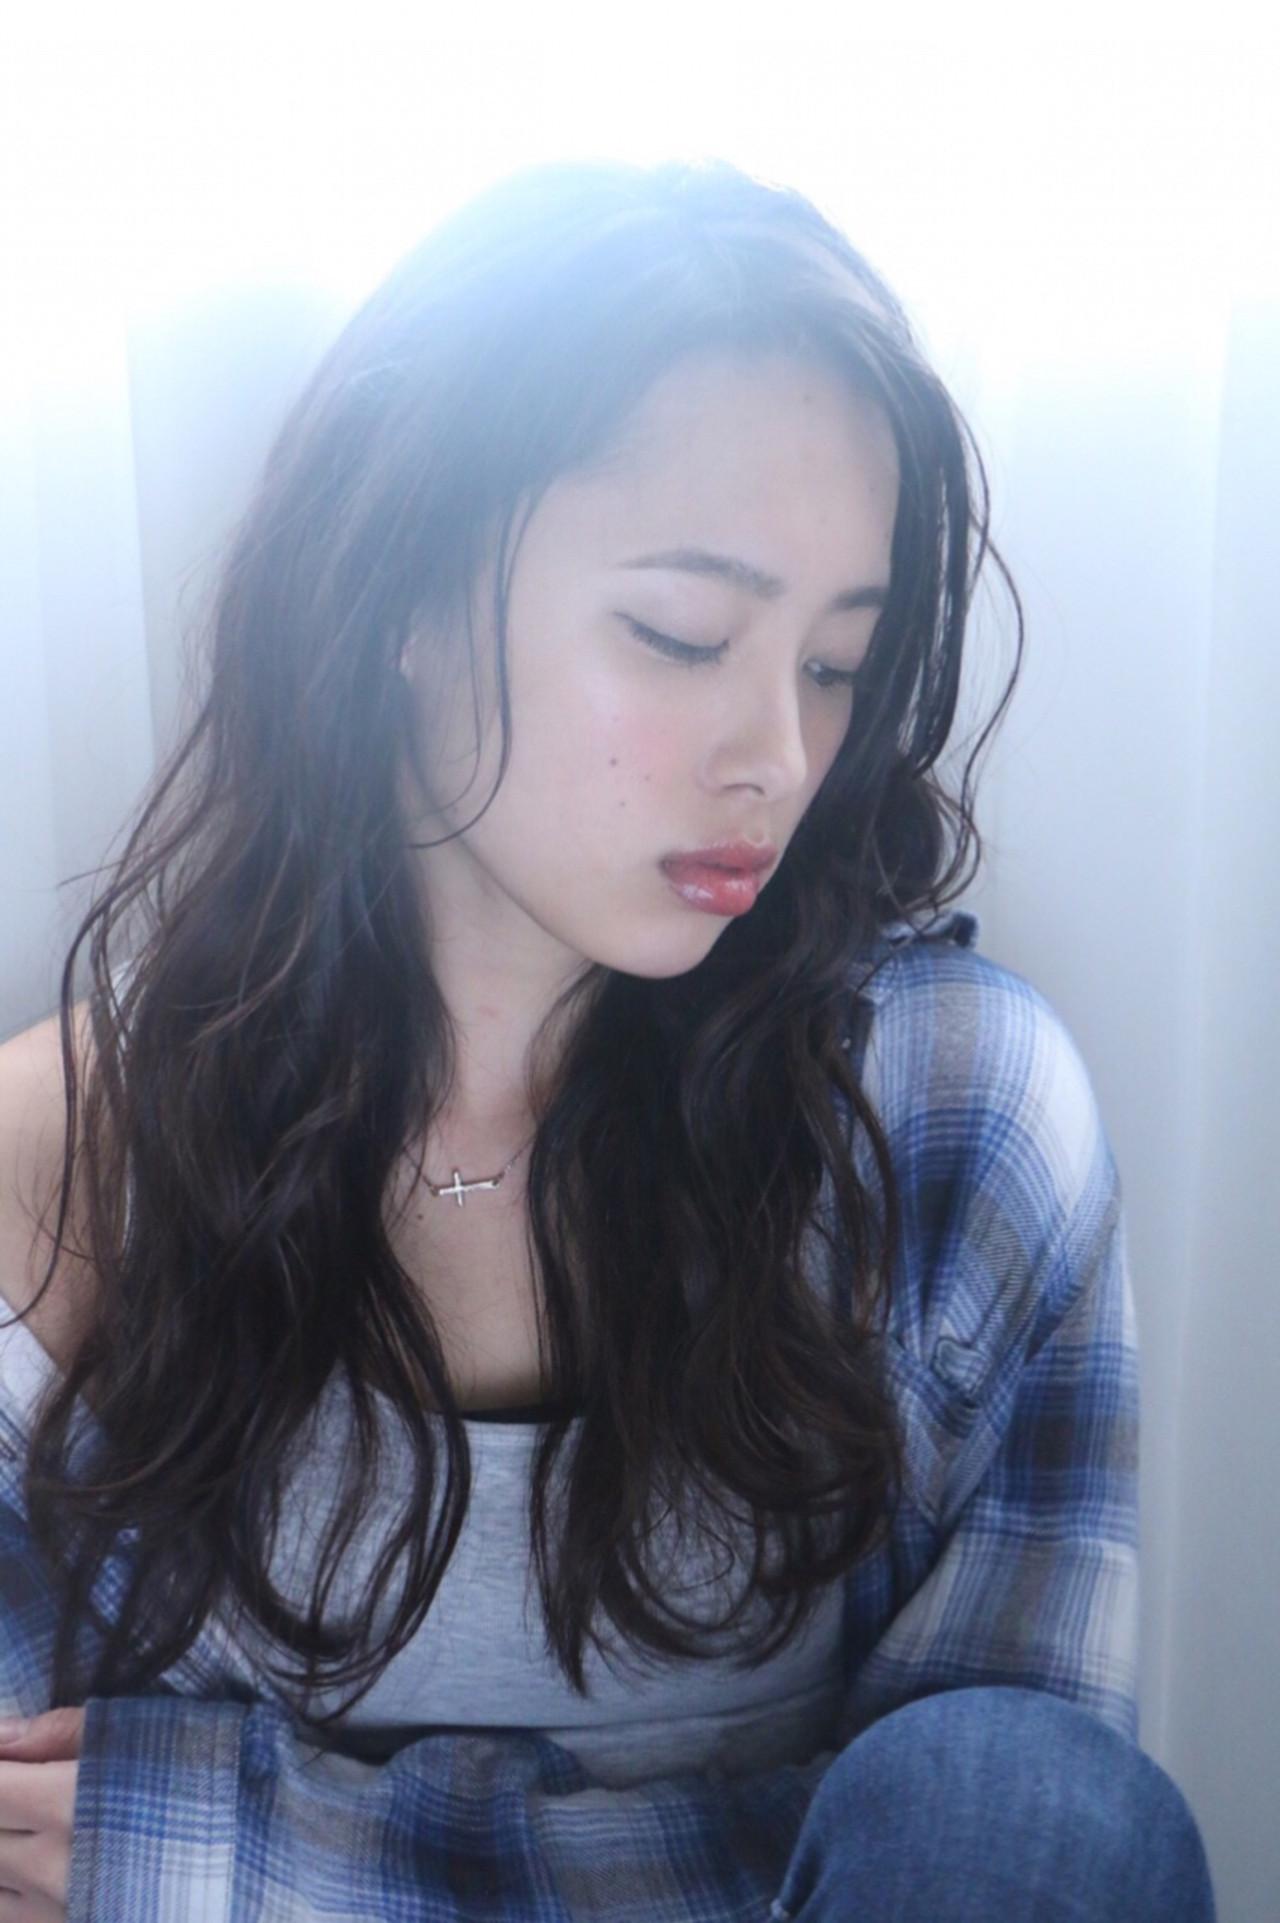 透明感 かき上げ前髪 おフェロ ナチュラル ヘアスタイルや髪型の写真・画像 | RINO /